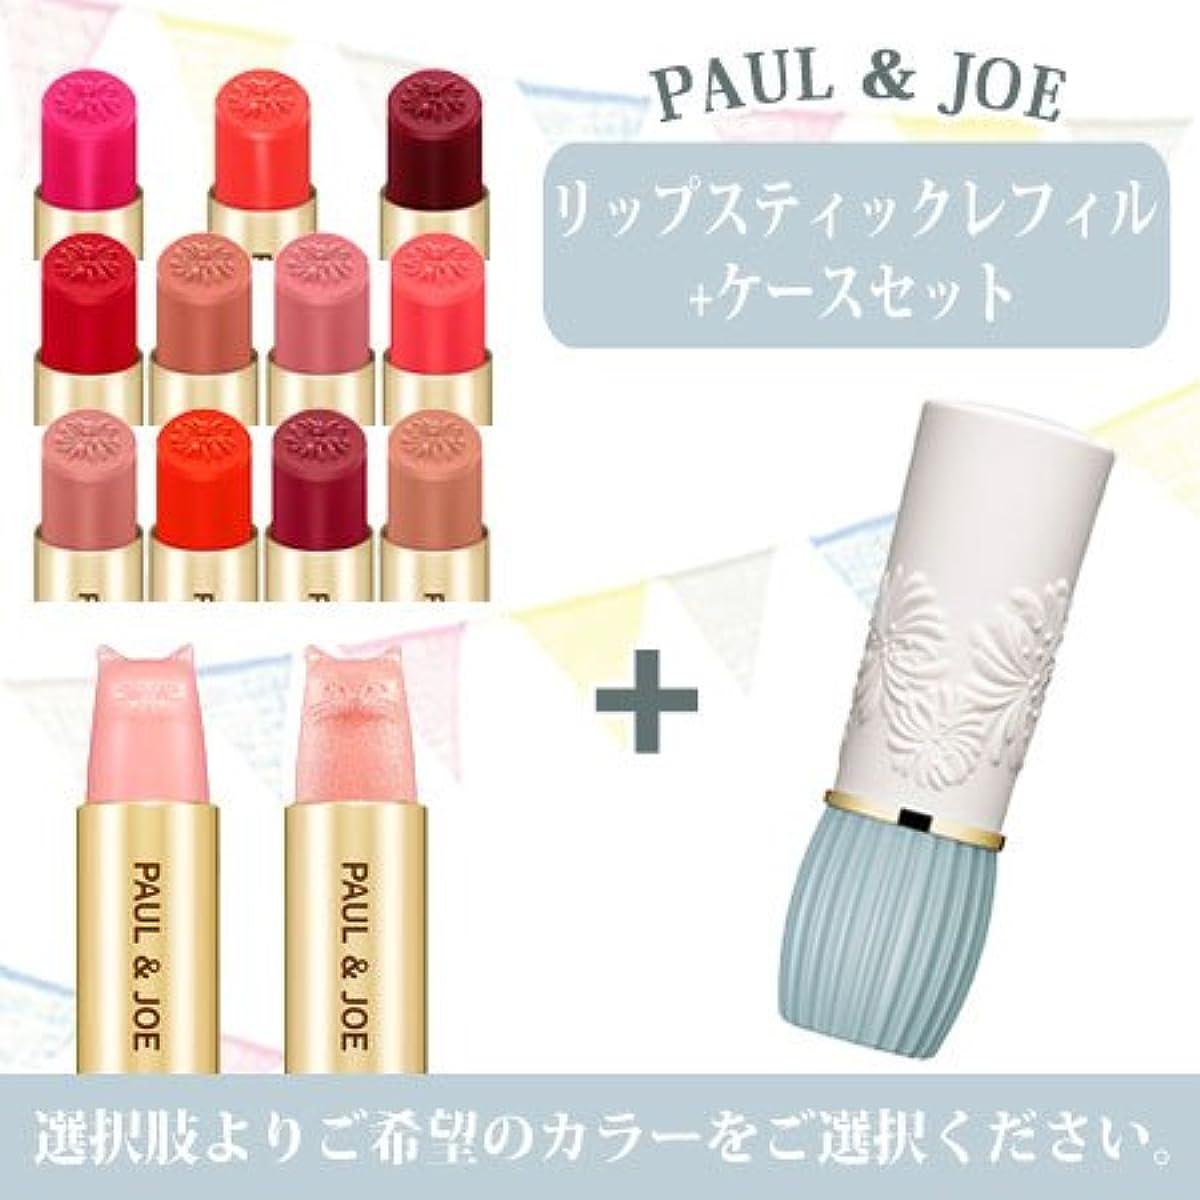 ポール&ジョー リップスティック N レフィル?リップスティックケースN セット 選べる13色 -PAUL&JOE- 303